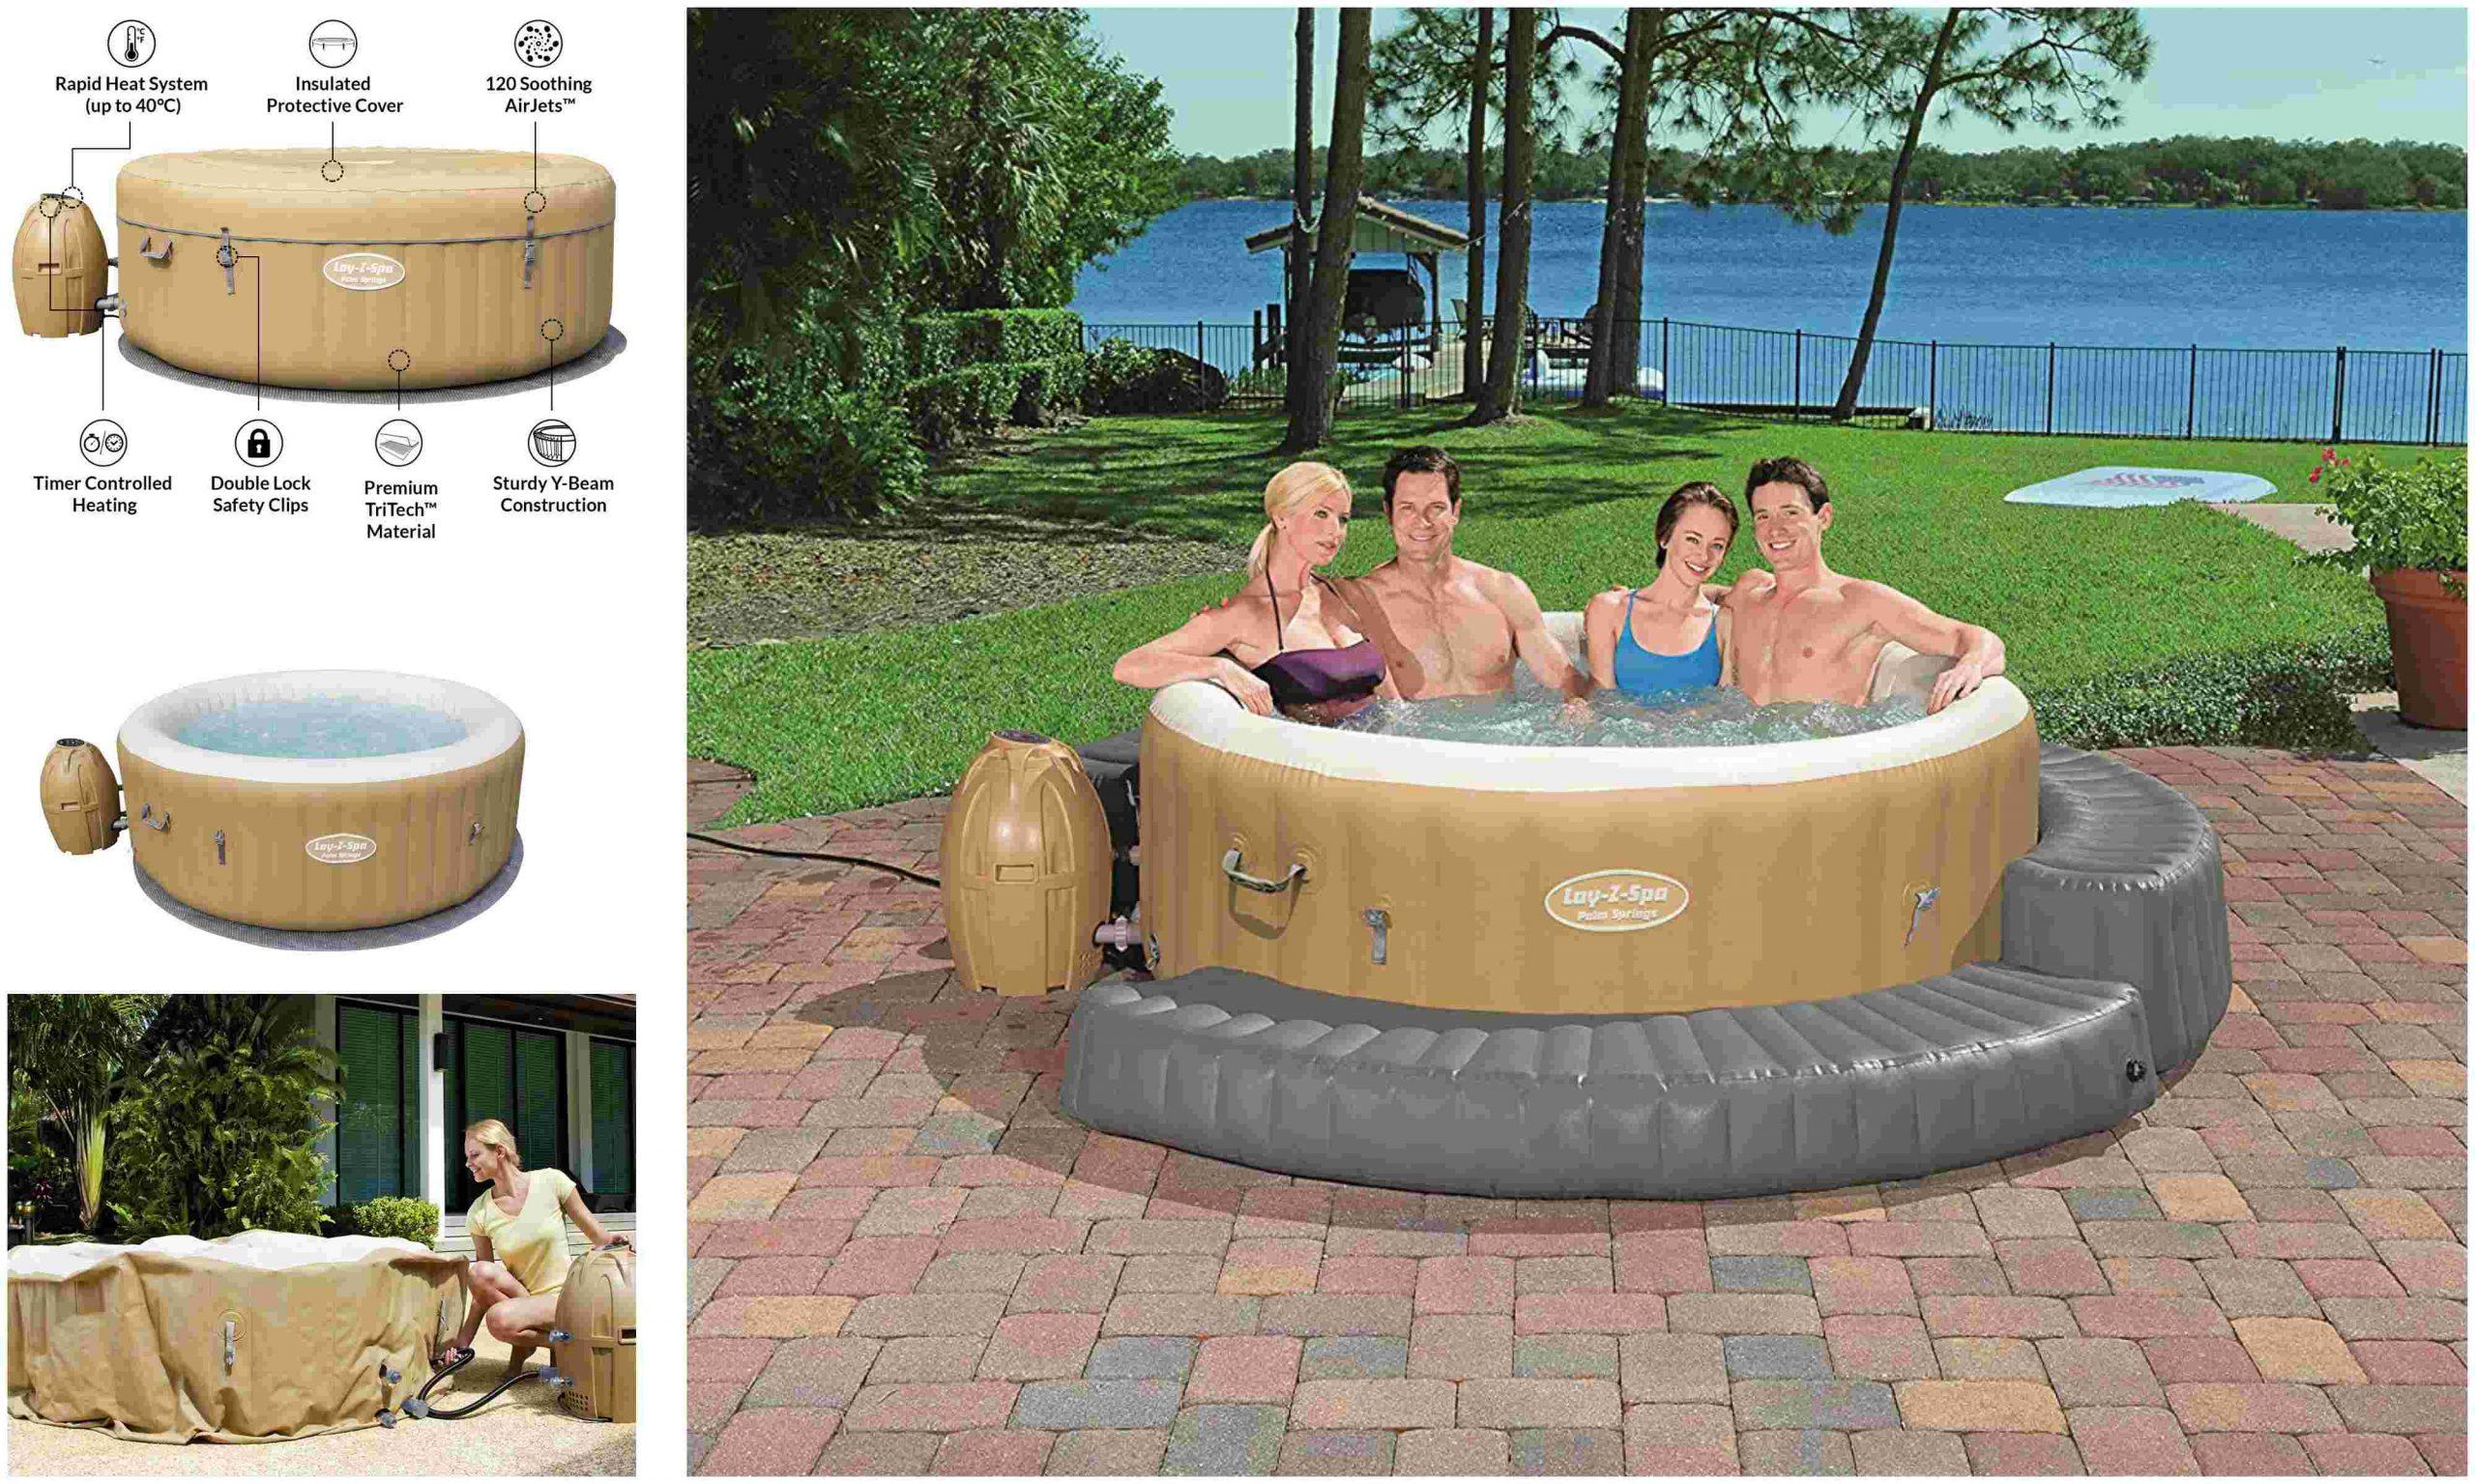 uno-de-los-mejores-jacuzzis-spa-hinchables-modelo-bestway-palm-spring